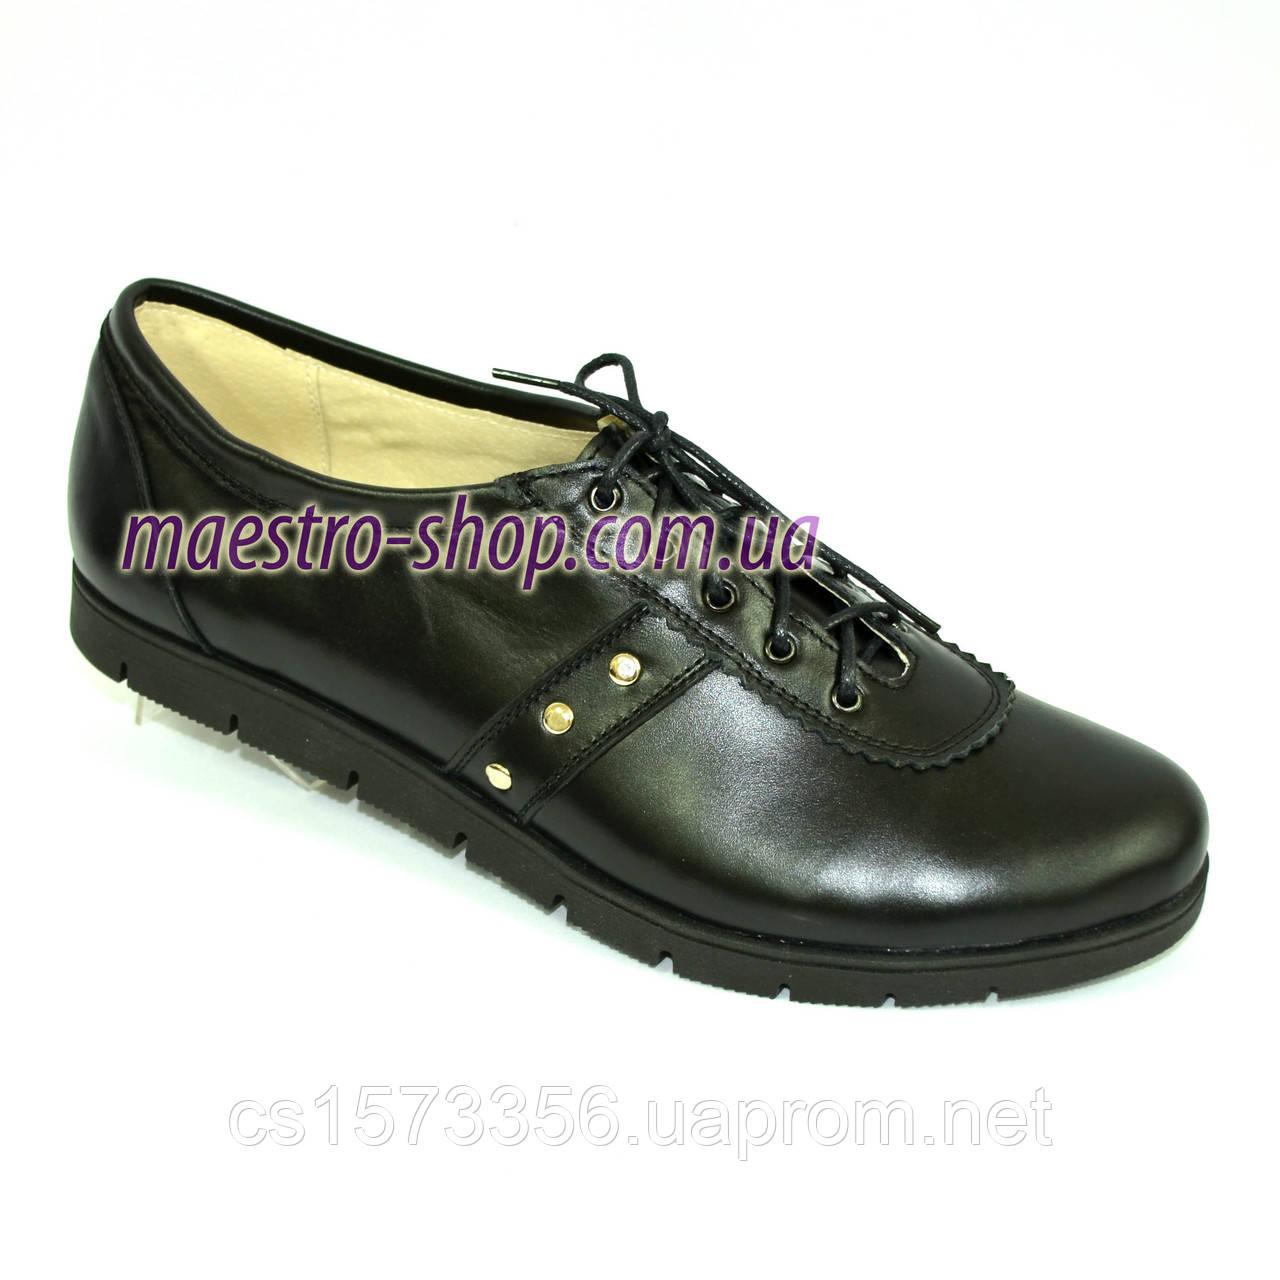 Туфли женские кожаные спортивные на шнурках